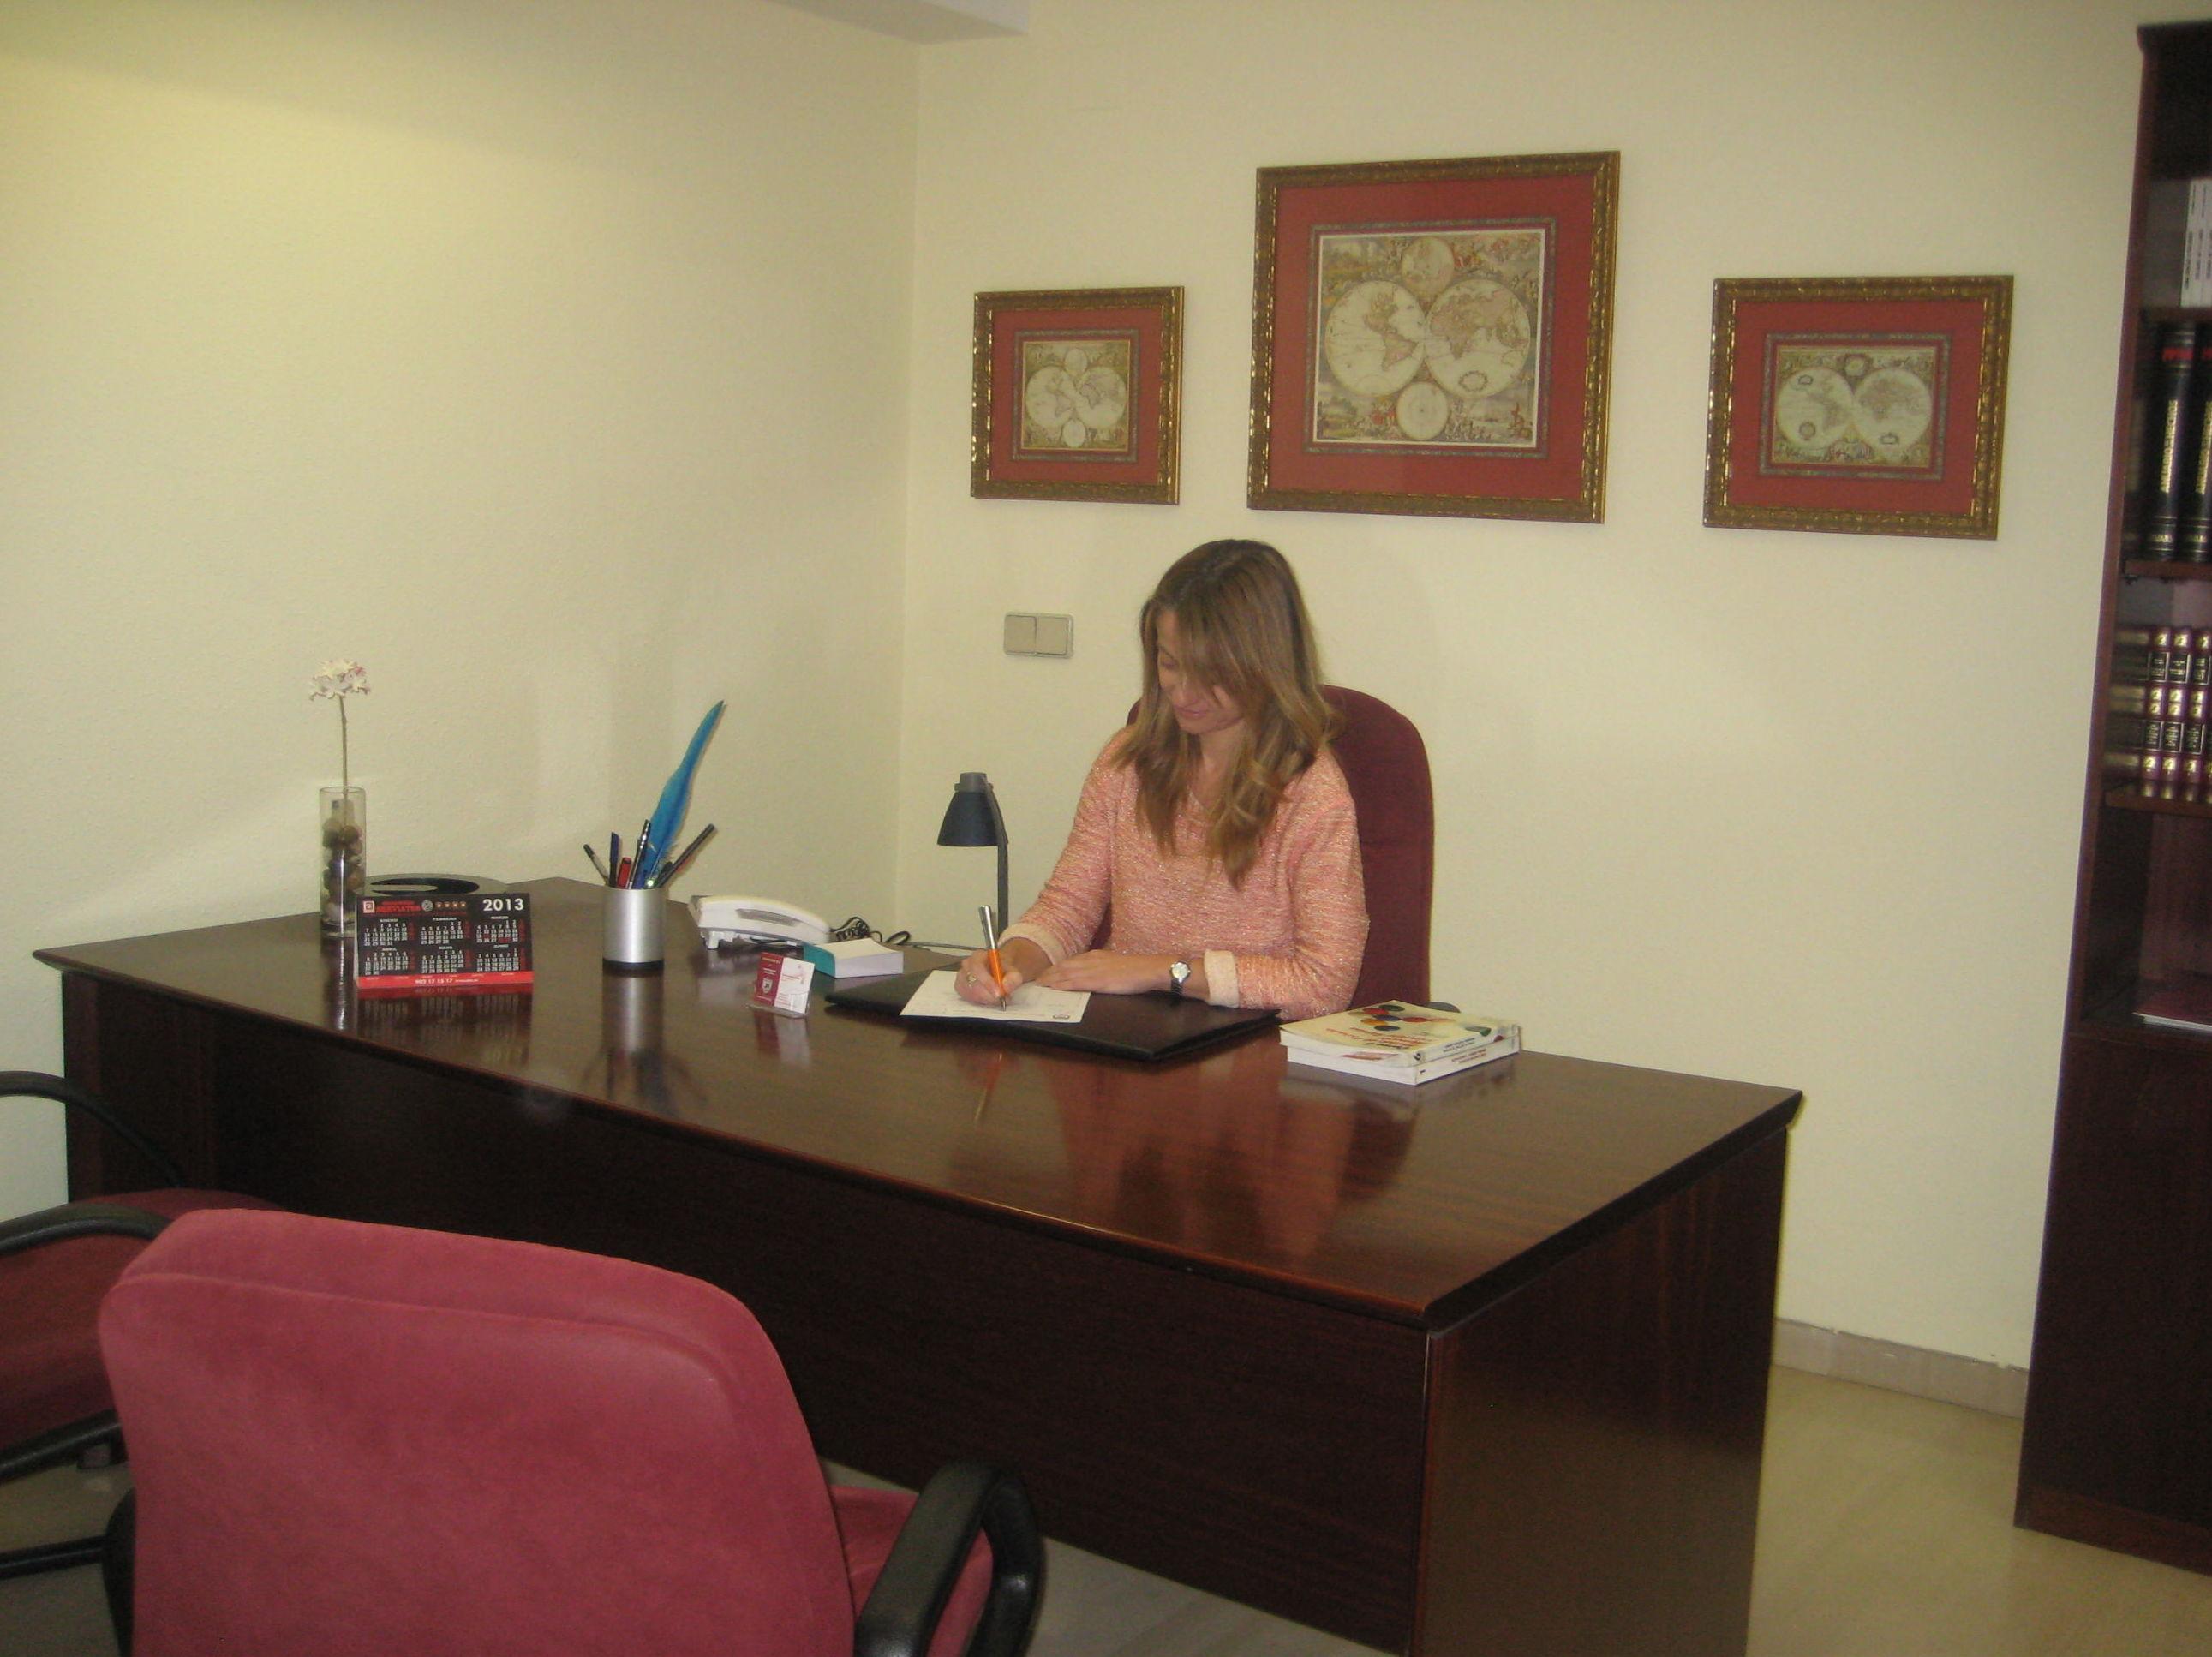 INSTITUTO DE ORIENTACIÓN EDUCATIVA JM. GABINETE DE ORIENTACIÓN. VALENCIA